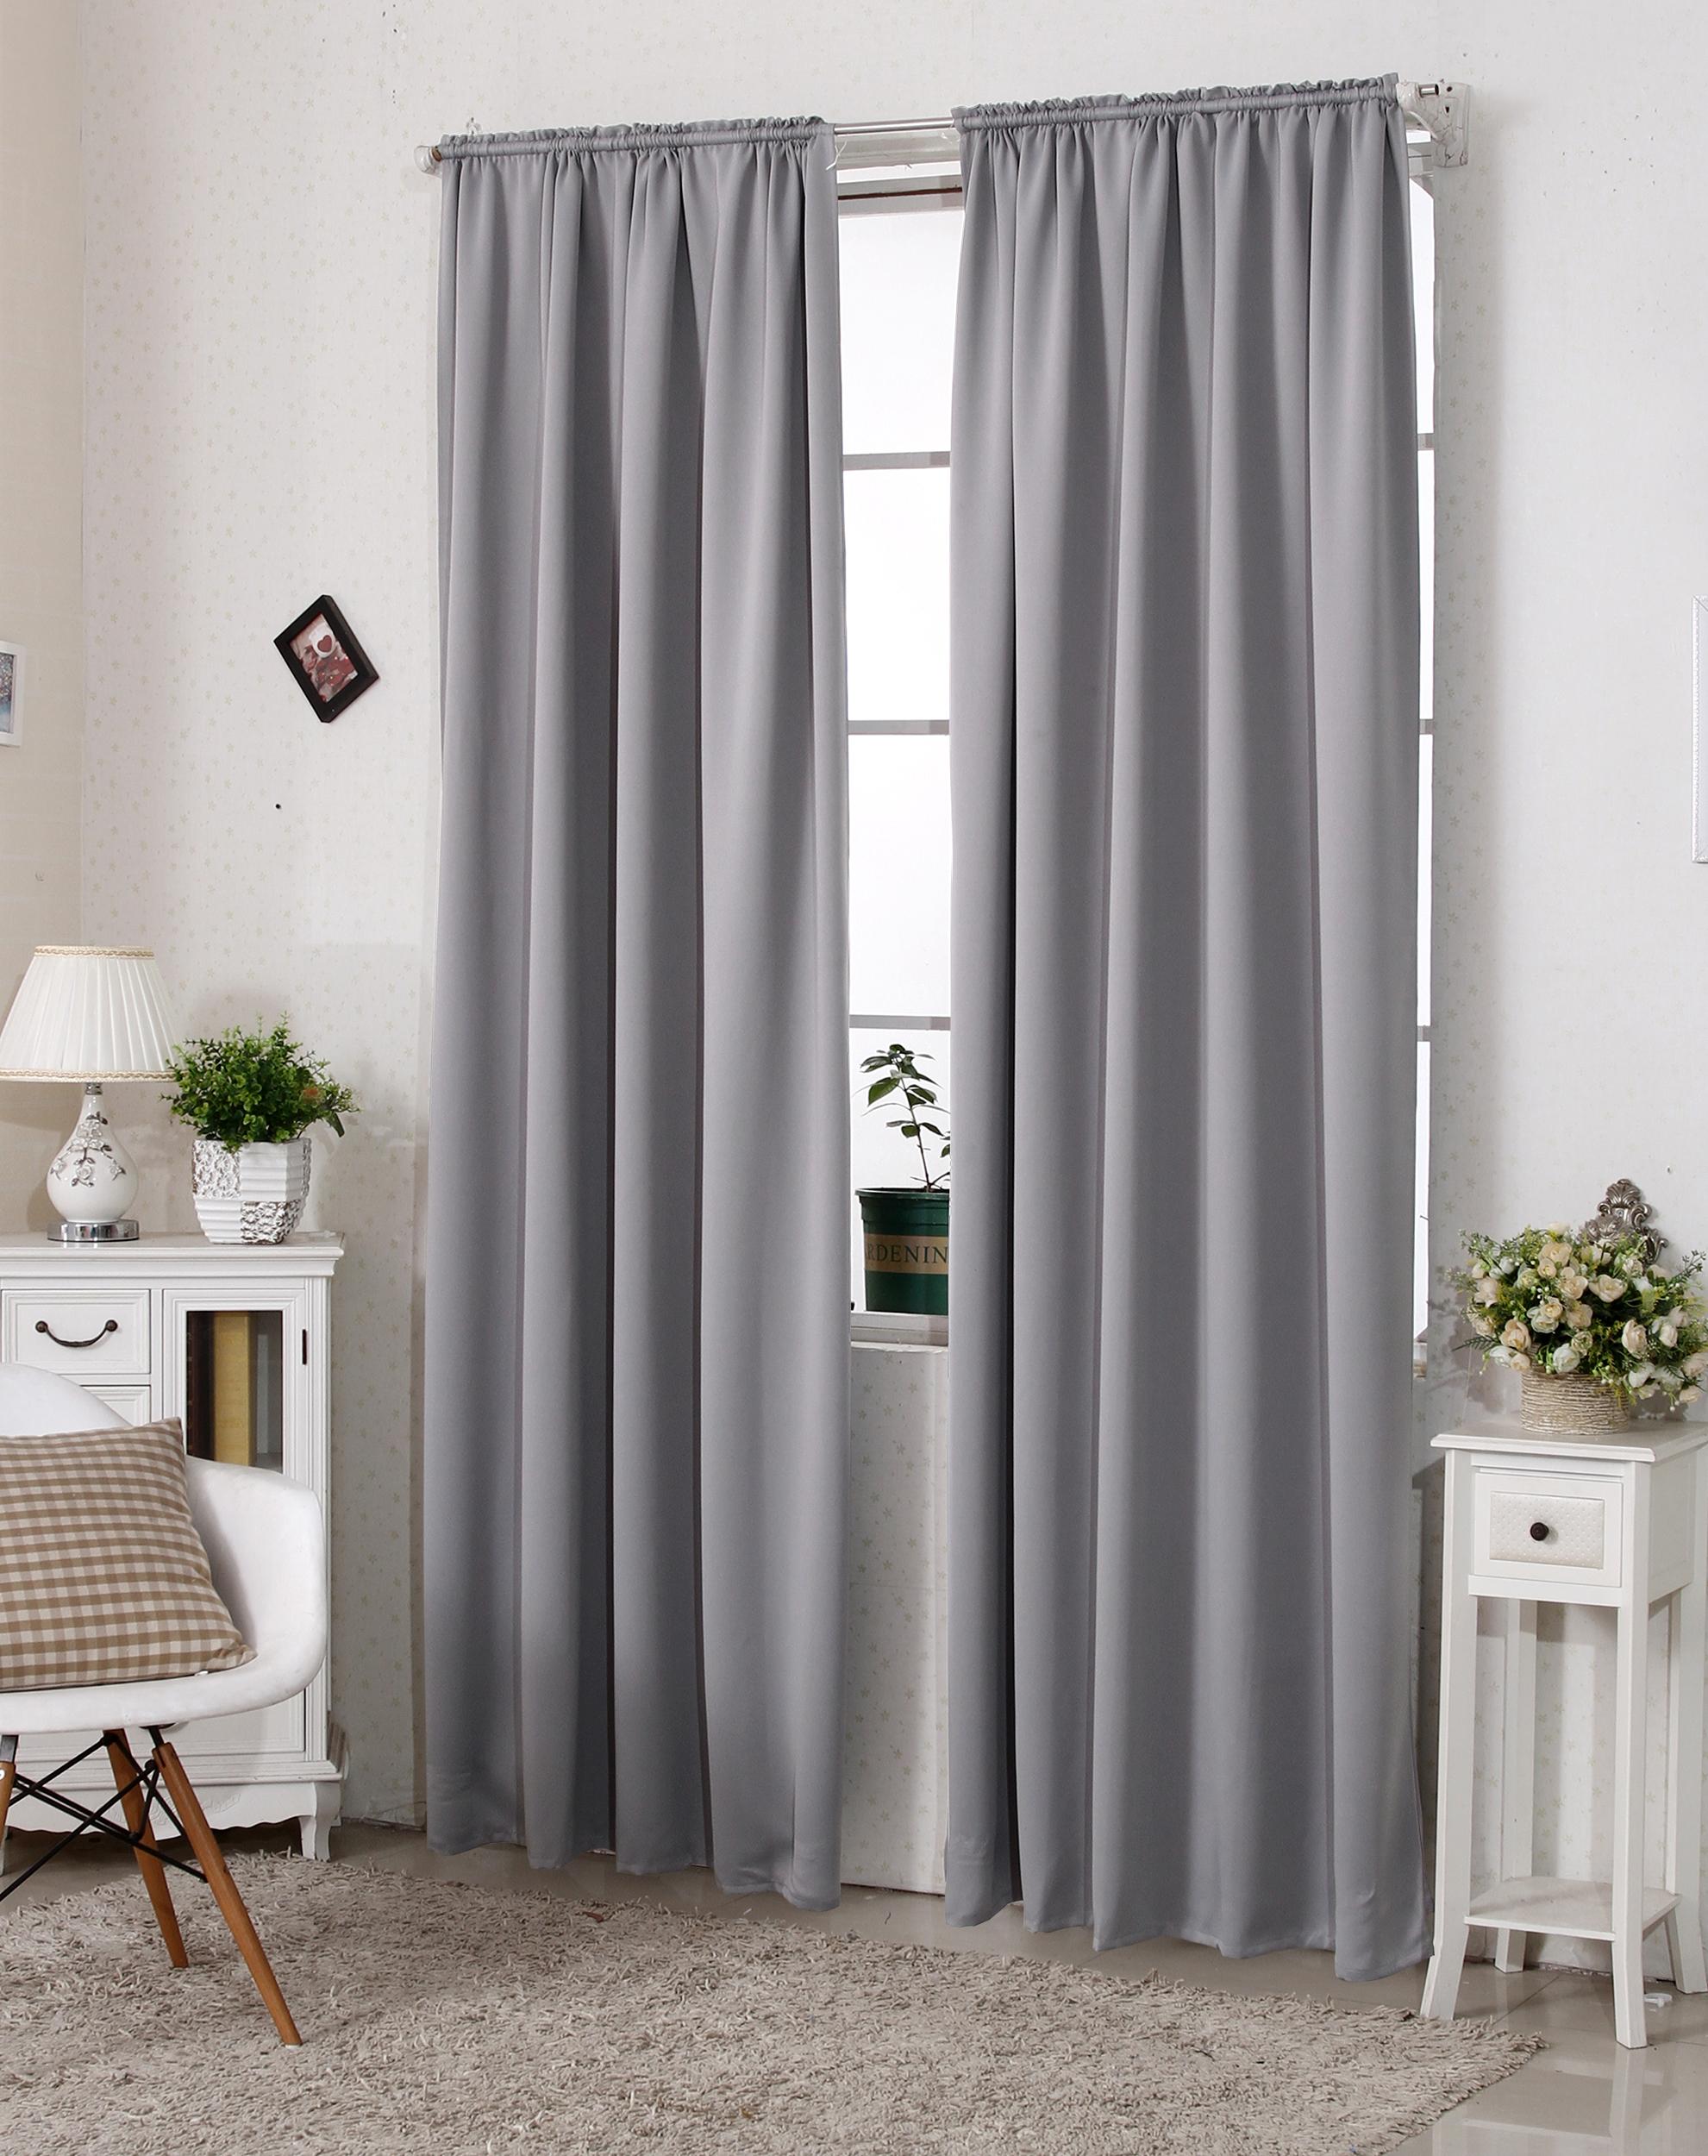 einzigartig gardinen f r terrassenfenster schema. Black Bedroom Furniture Sets. Home Design Ideas